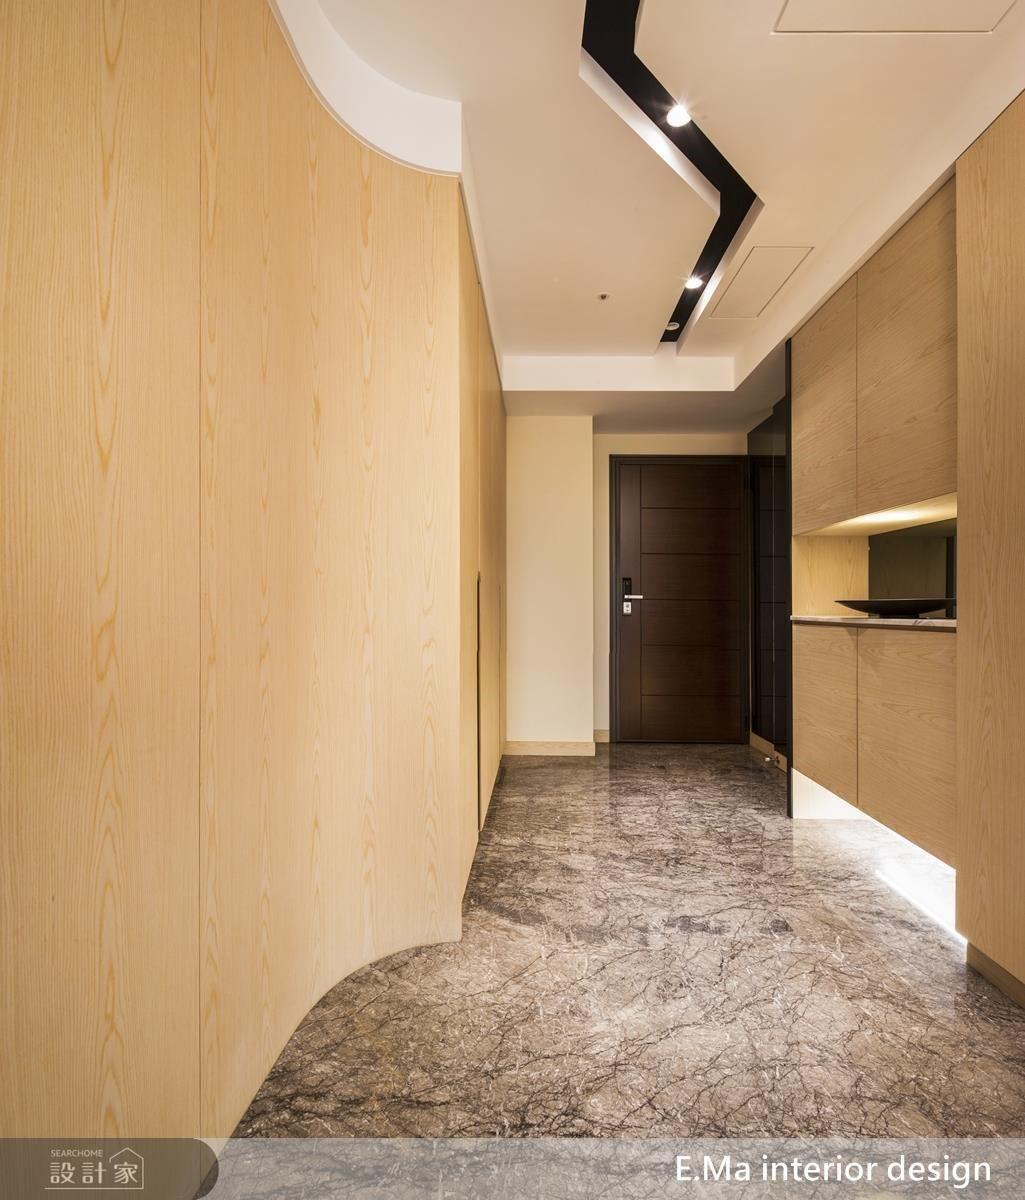 玄關入口以 Z 字長廊引導動線,並於天花放上閃電型燈條增加回家趣味。